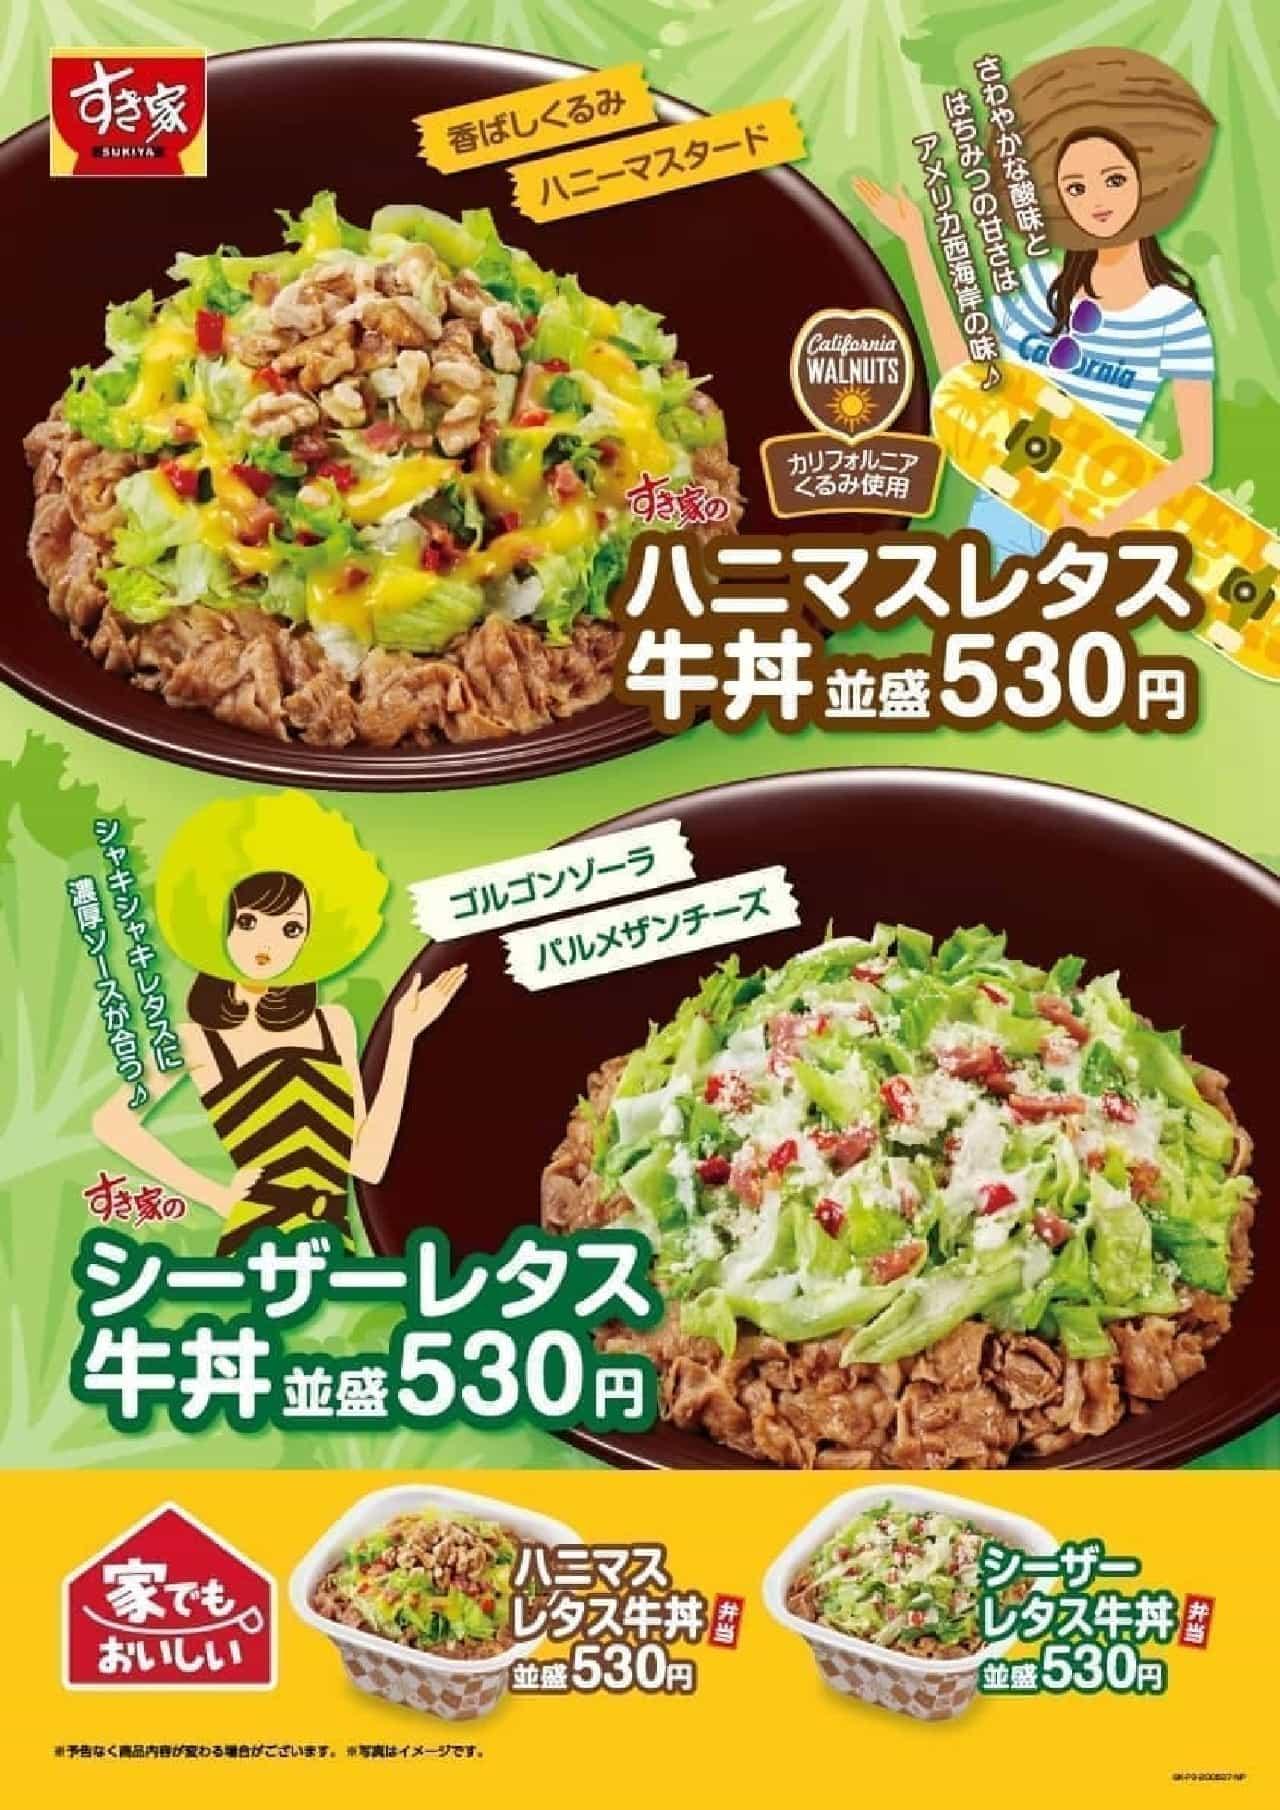 すき家ハニマスレタス牛丼